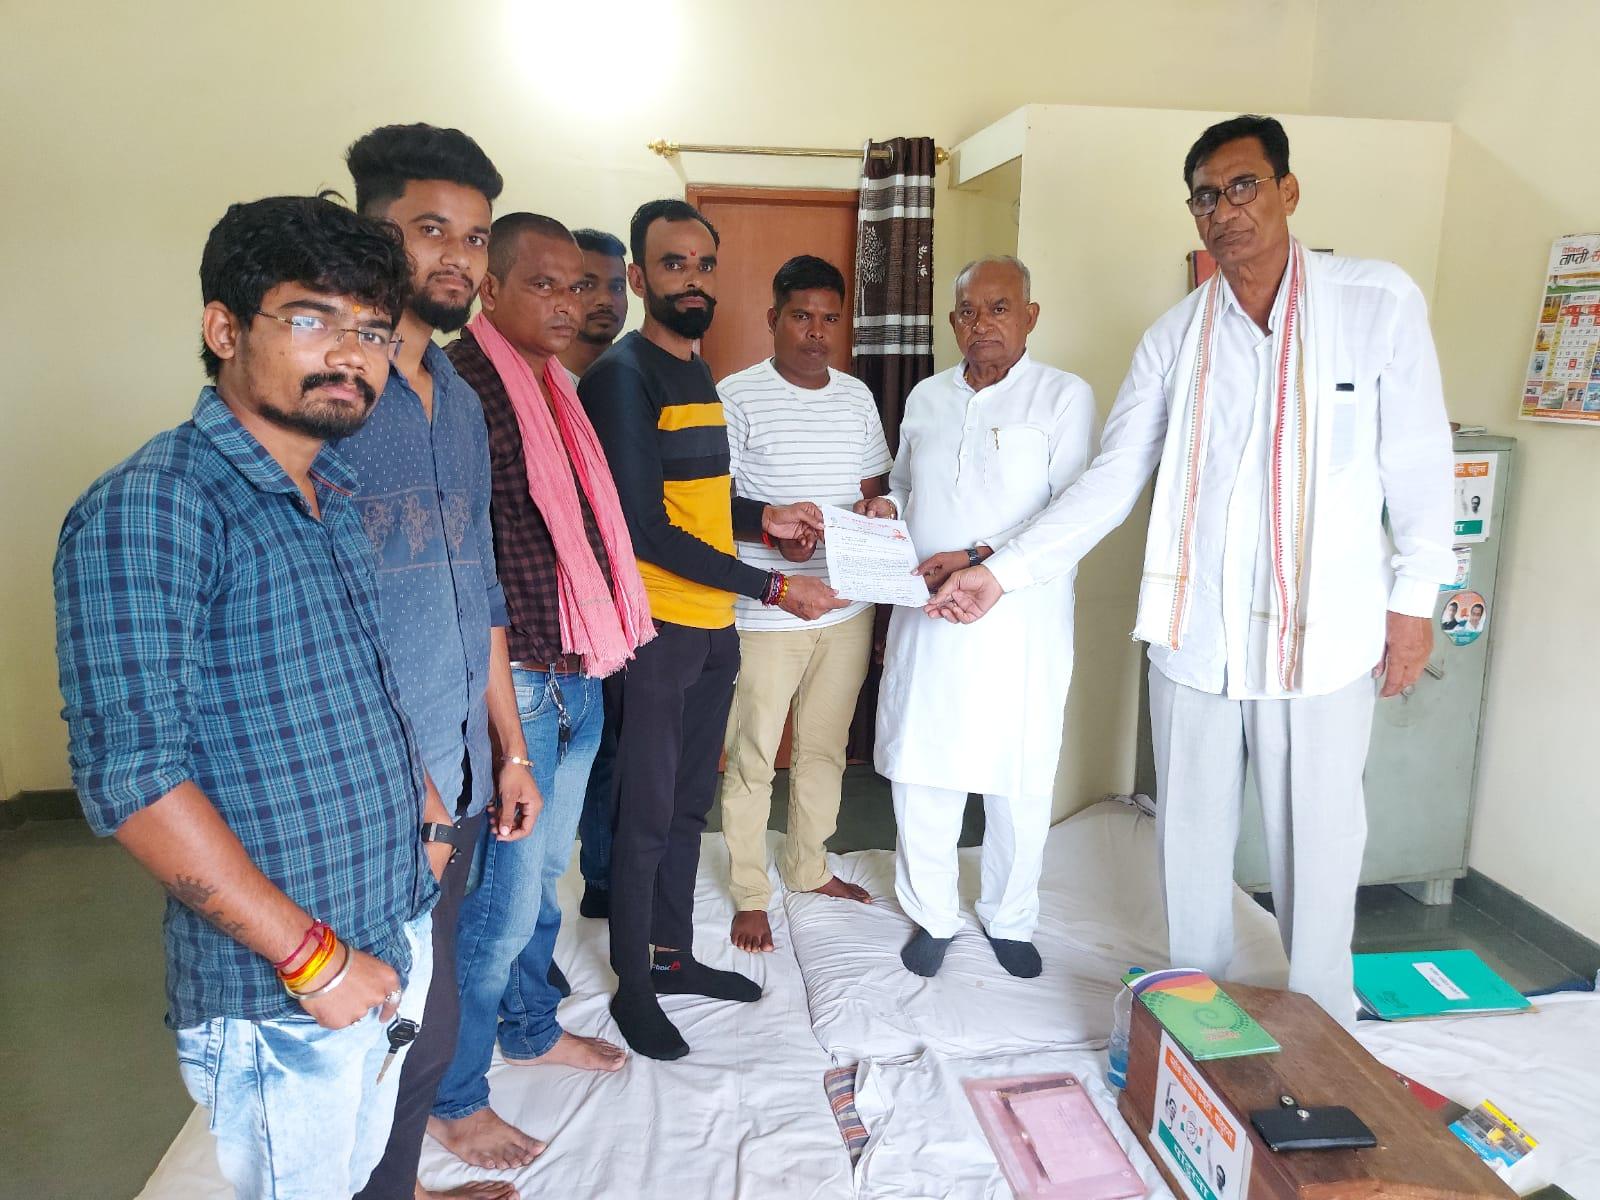 युवक कांग्रेस अध्यक्ष सहित युवकों ने छोड़ी पार्टी, संगठन पर लगाए आरोप, पांढुर्ना कांग्रेस में हलचल|छिंदवाड़ा,Chhindwara - Dainik Bhaskar